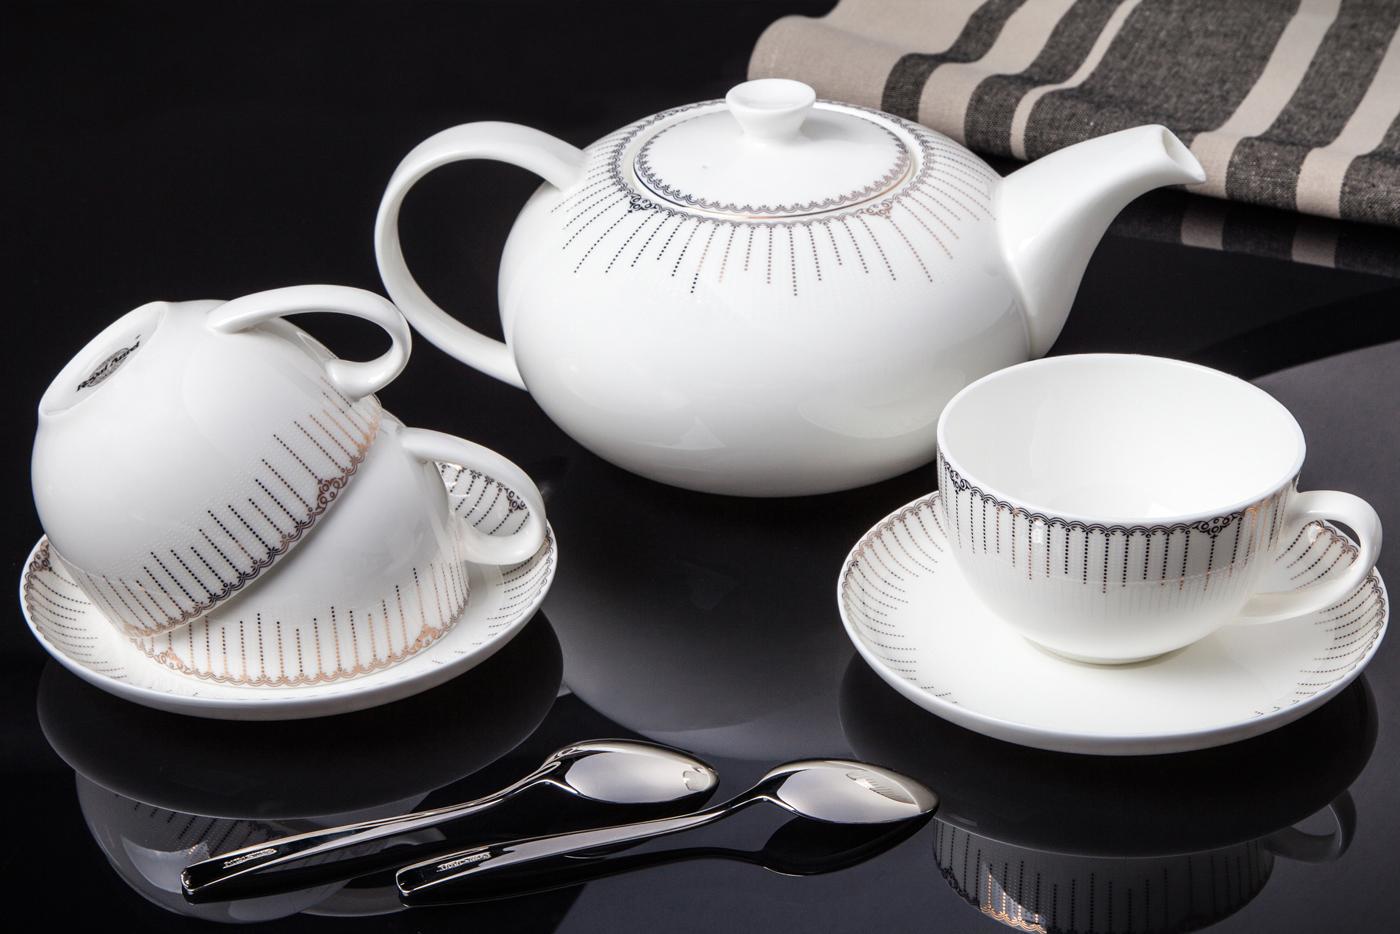 Чайный сервиз Royal Aurel Версаль арт.144, 13 предметовЧайные сервизы<br>Чайный сервиз Royal Aurel Версаль арт.144, 13 предметов<br><br><br><br><br><br><br><br><br><br><br>Чашка 300 мл,6 шт.<br>Блюдце 15 см,6 шт.<br>Чайник 1300 мл<br><br><br><br><br><br><br>Производить посуду из фарфора начали в Китае на стыке 6-7 веков. Неустанно совершенствуя и селективно отбирая сырье для производства посуды из фарфора, мастерам удалось добиться выдающихся характеристик фарфора: белизны и тонкостенности. В XV веке появился особый интерес к китайской фарфоровой посуде, так как в это время Европе возникла мода на самобытные китайские вещи. Роскошный китайский фарфор являлся изыском и был в новинку, поэтому он выступал в качестве подарка королям, а также знатным людям. Такой дорогой подарок был очень престижен и по праву являлся элитной посудой. Как известно из многочисленных исторических документов, в Европе китайские изделия из фарфора ценились практически как золото. <br>Проверка изделий из костяного фарфора на подлинность <br>По сравнению с производством других видов фарфора процесс производства изделий из настоящего костяного фарфора сложен и весьма длителен. Посуда из изящного фарфора - это элитная посуда, которая всегда ассоциируется с богатством, величием и благородством. Несмотря на небольшую толщину, фарфоровая посуда - это очень прочное изделие. Для демонстрации плотности и прочности фарфора можно легко коснуться предметов посуды из фарфора деревянной палочкой, и тогда мы услушим характерный металлический звон. В составе фарфоровой посуды присутствует костяная зола, благодаря чему она может быть намного тоньше (не более 2,5 мм) и легче твердого или мягкого фарфора. Безупречная белизна - ключевой признак отличия такого фарфора от других. Цвет обычного фарфора сероватый или ближе к голубоватому, а костяной фарфор будет всегда будет молочно-белого цвета. Характерная и немаловажная деталь - это невесомая прозрачность изделий из фарфора такая, что сквозь него проходит свет.<br